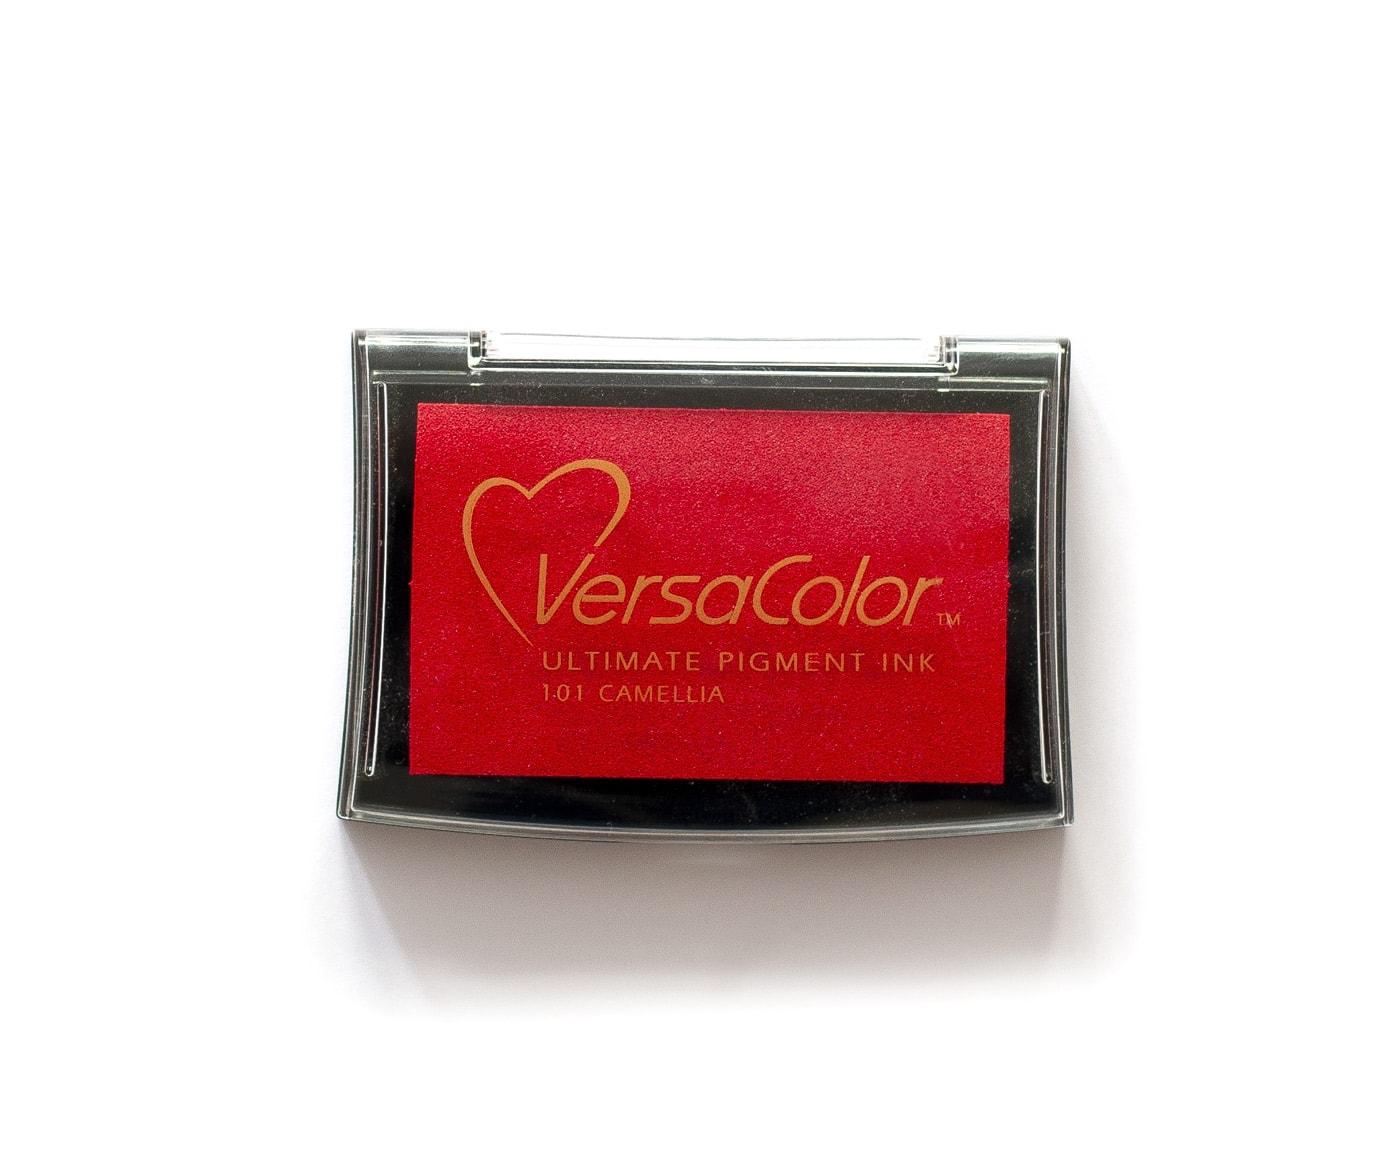 Czerwony tusz pigmentowy na bazie wody versa color camellia